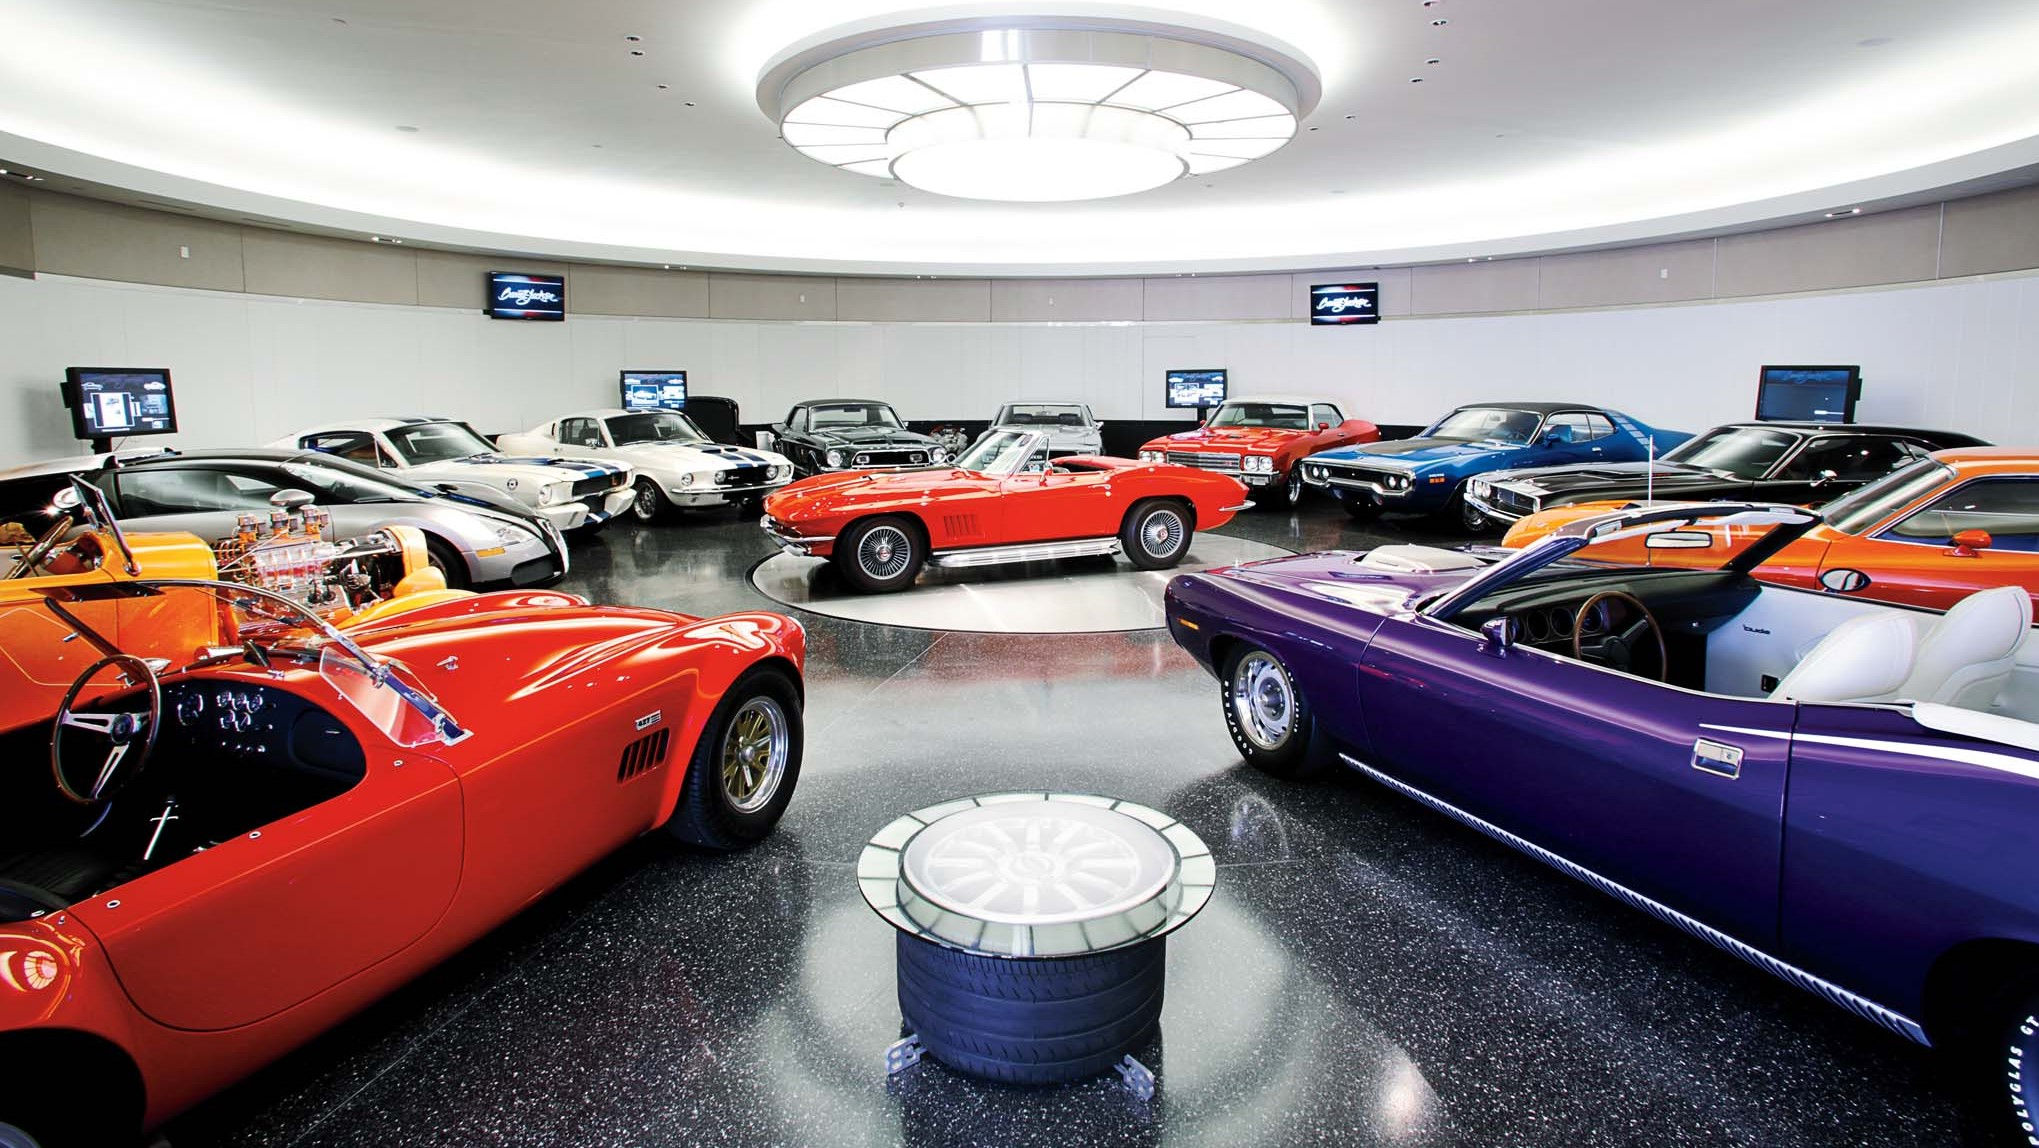 Οι 15 πιο σπάνιες και ακριβές ιδιωτικές συλλογές αυτοκινήτων στον κόσμο (pics)